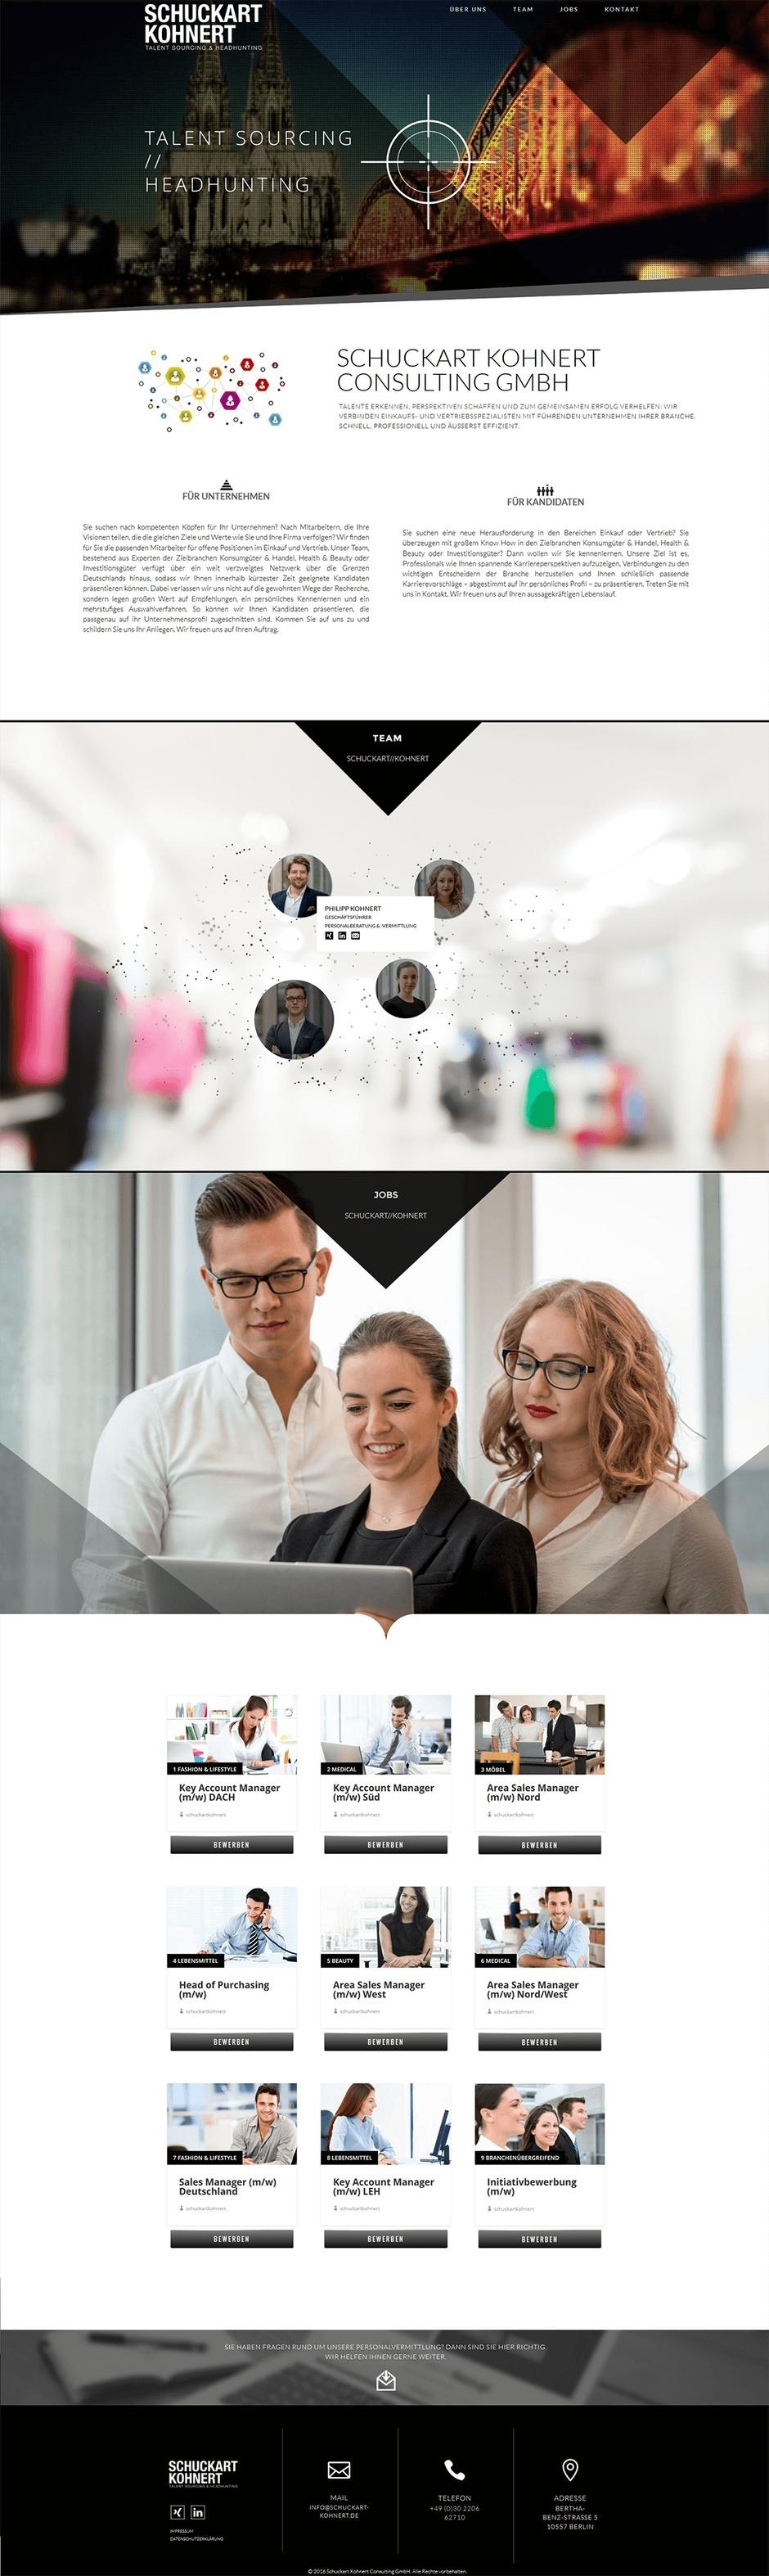 Homepage von Schuckart Kohnert Consulting